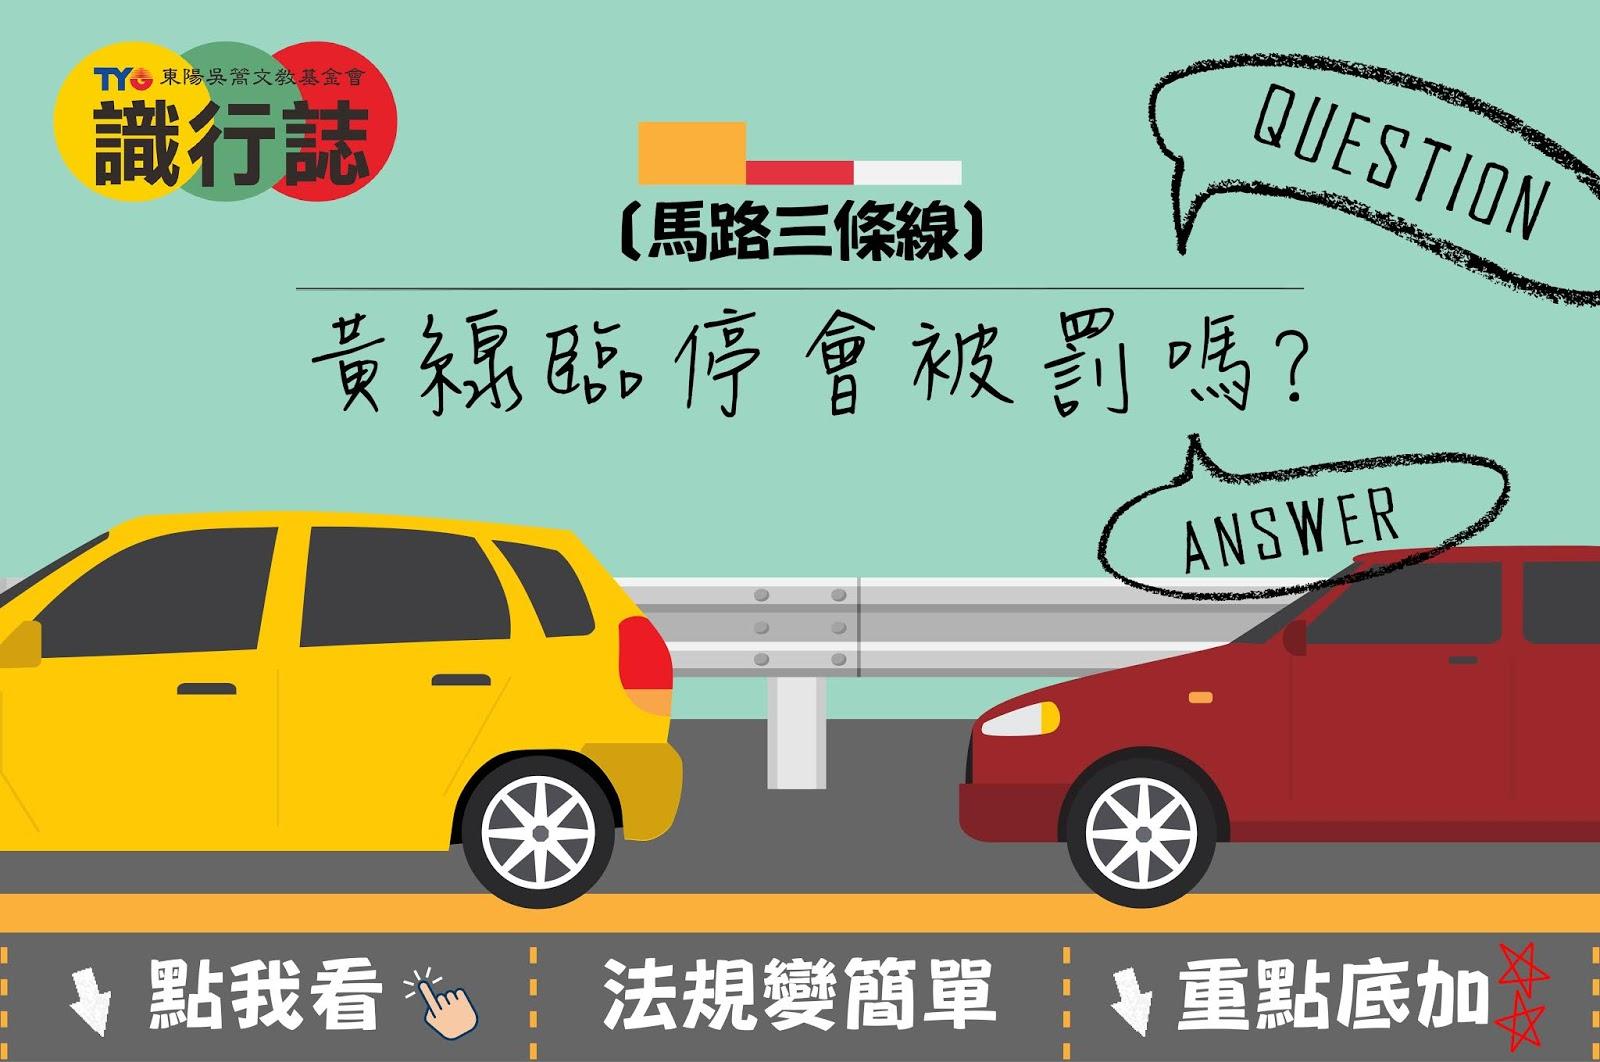 馬路三條線,黃線臨停會被罰嗎,罰多少